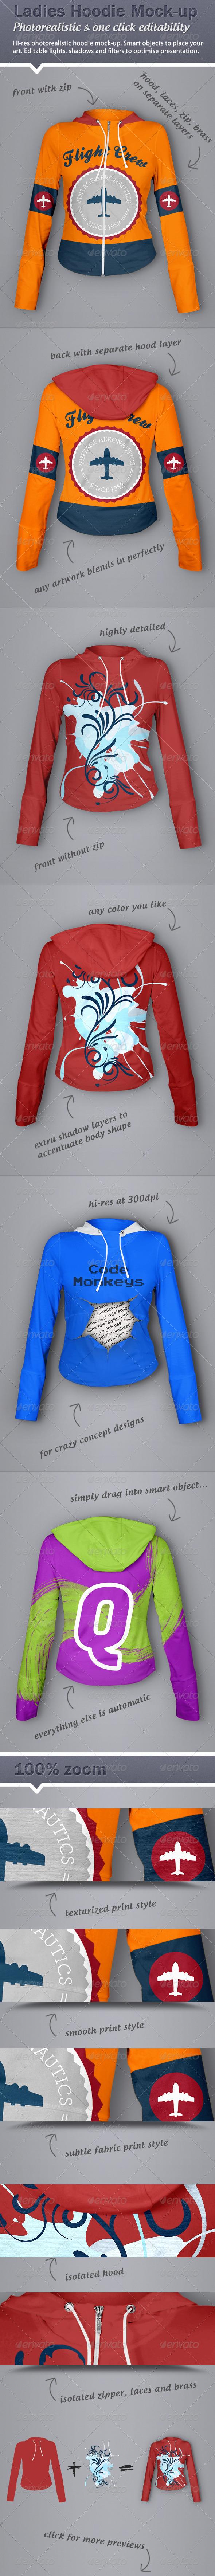 Hoodie Mock-Up - Ladies Version - T-shirts Apparel